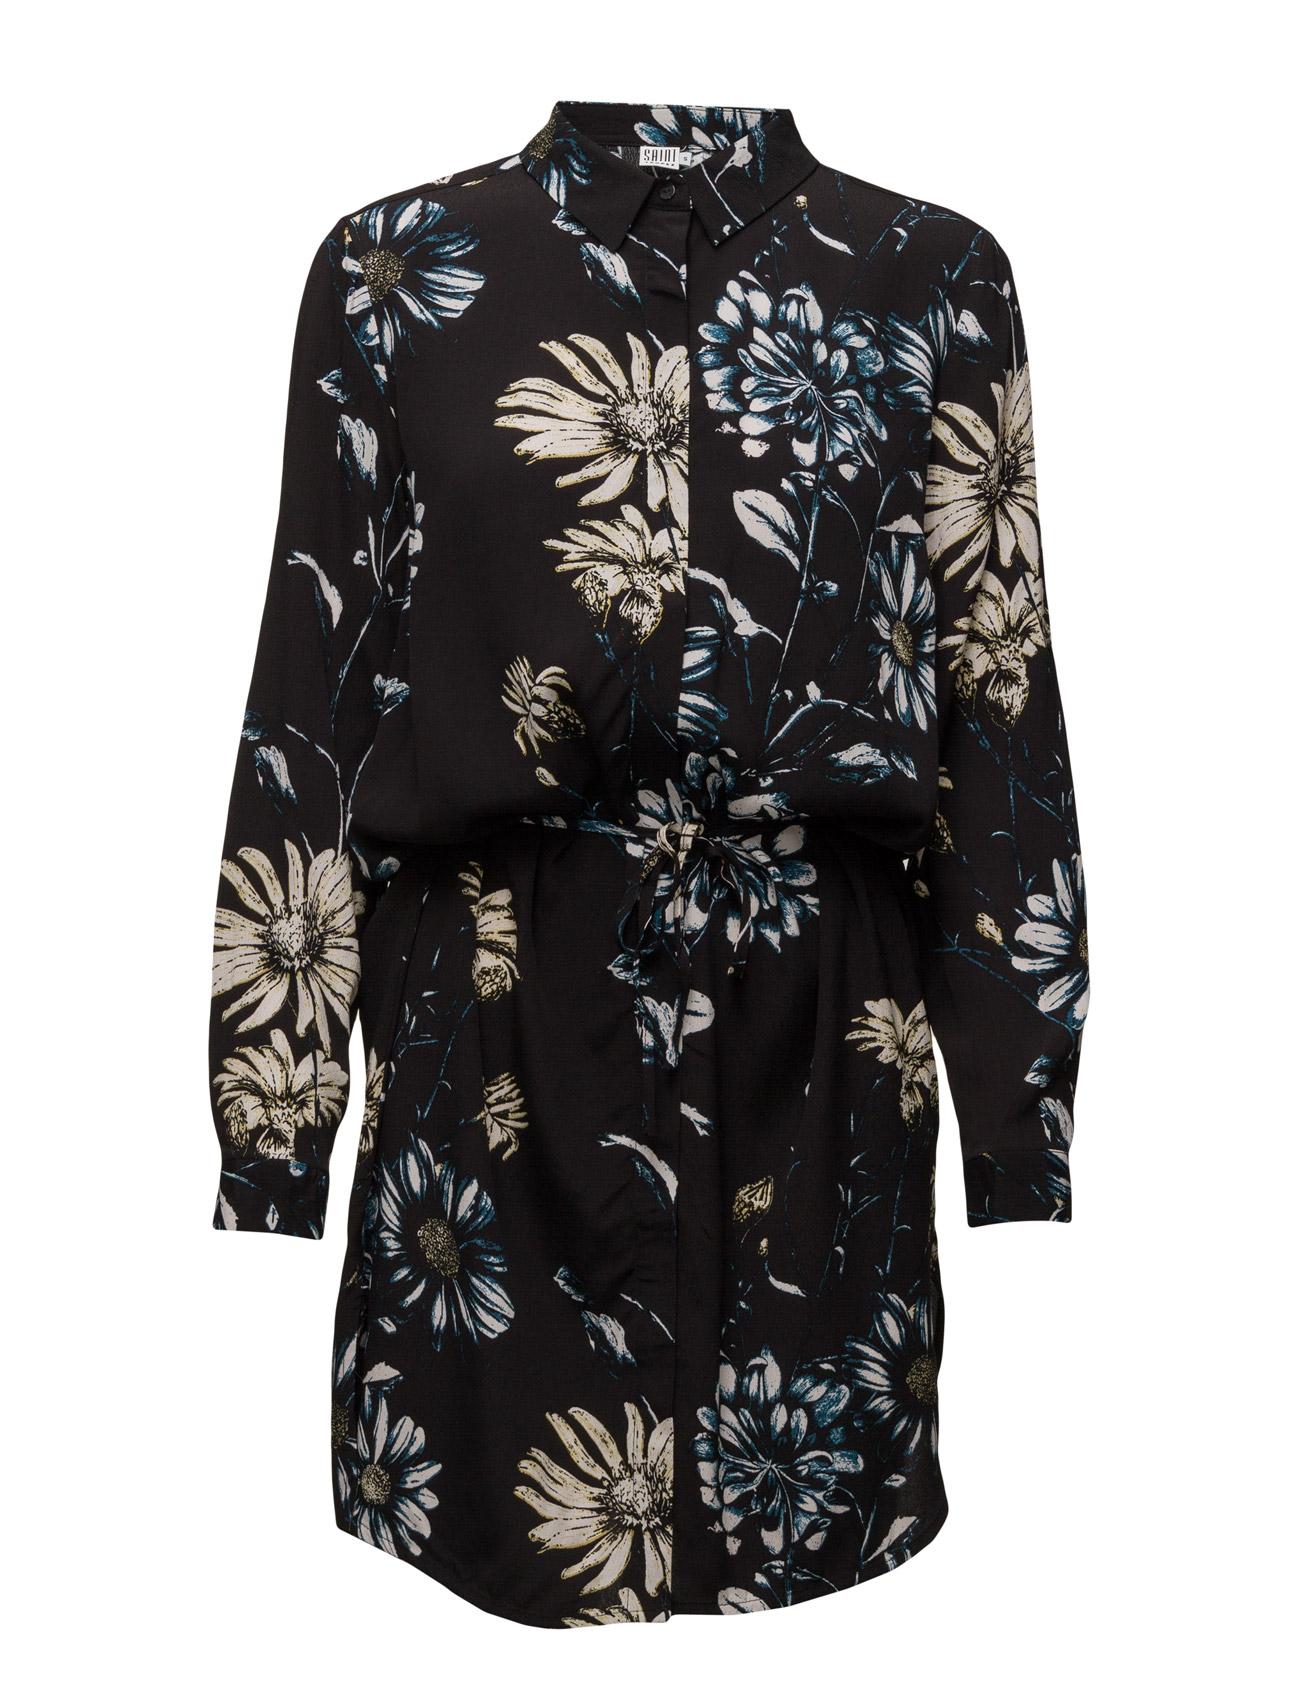 Daisy Printed/Solid Col. Dress Saint Tropez Knælange & mellemlange til Kvinder i Sort